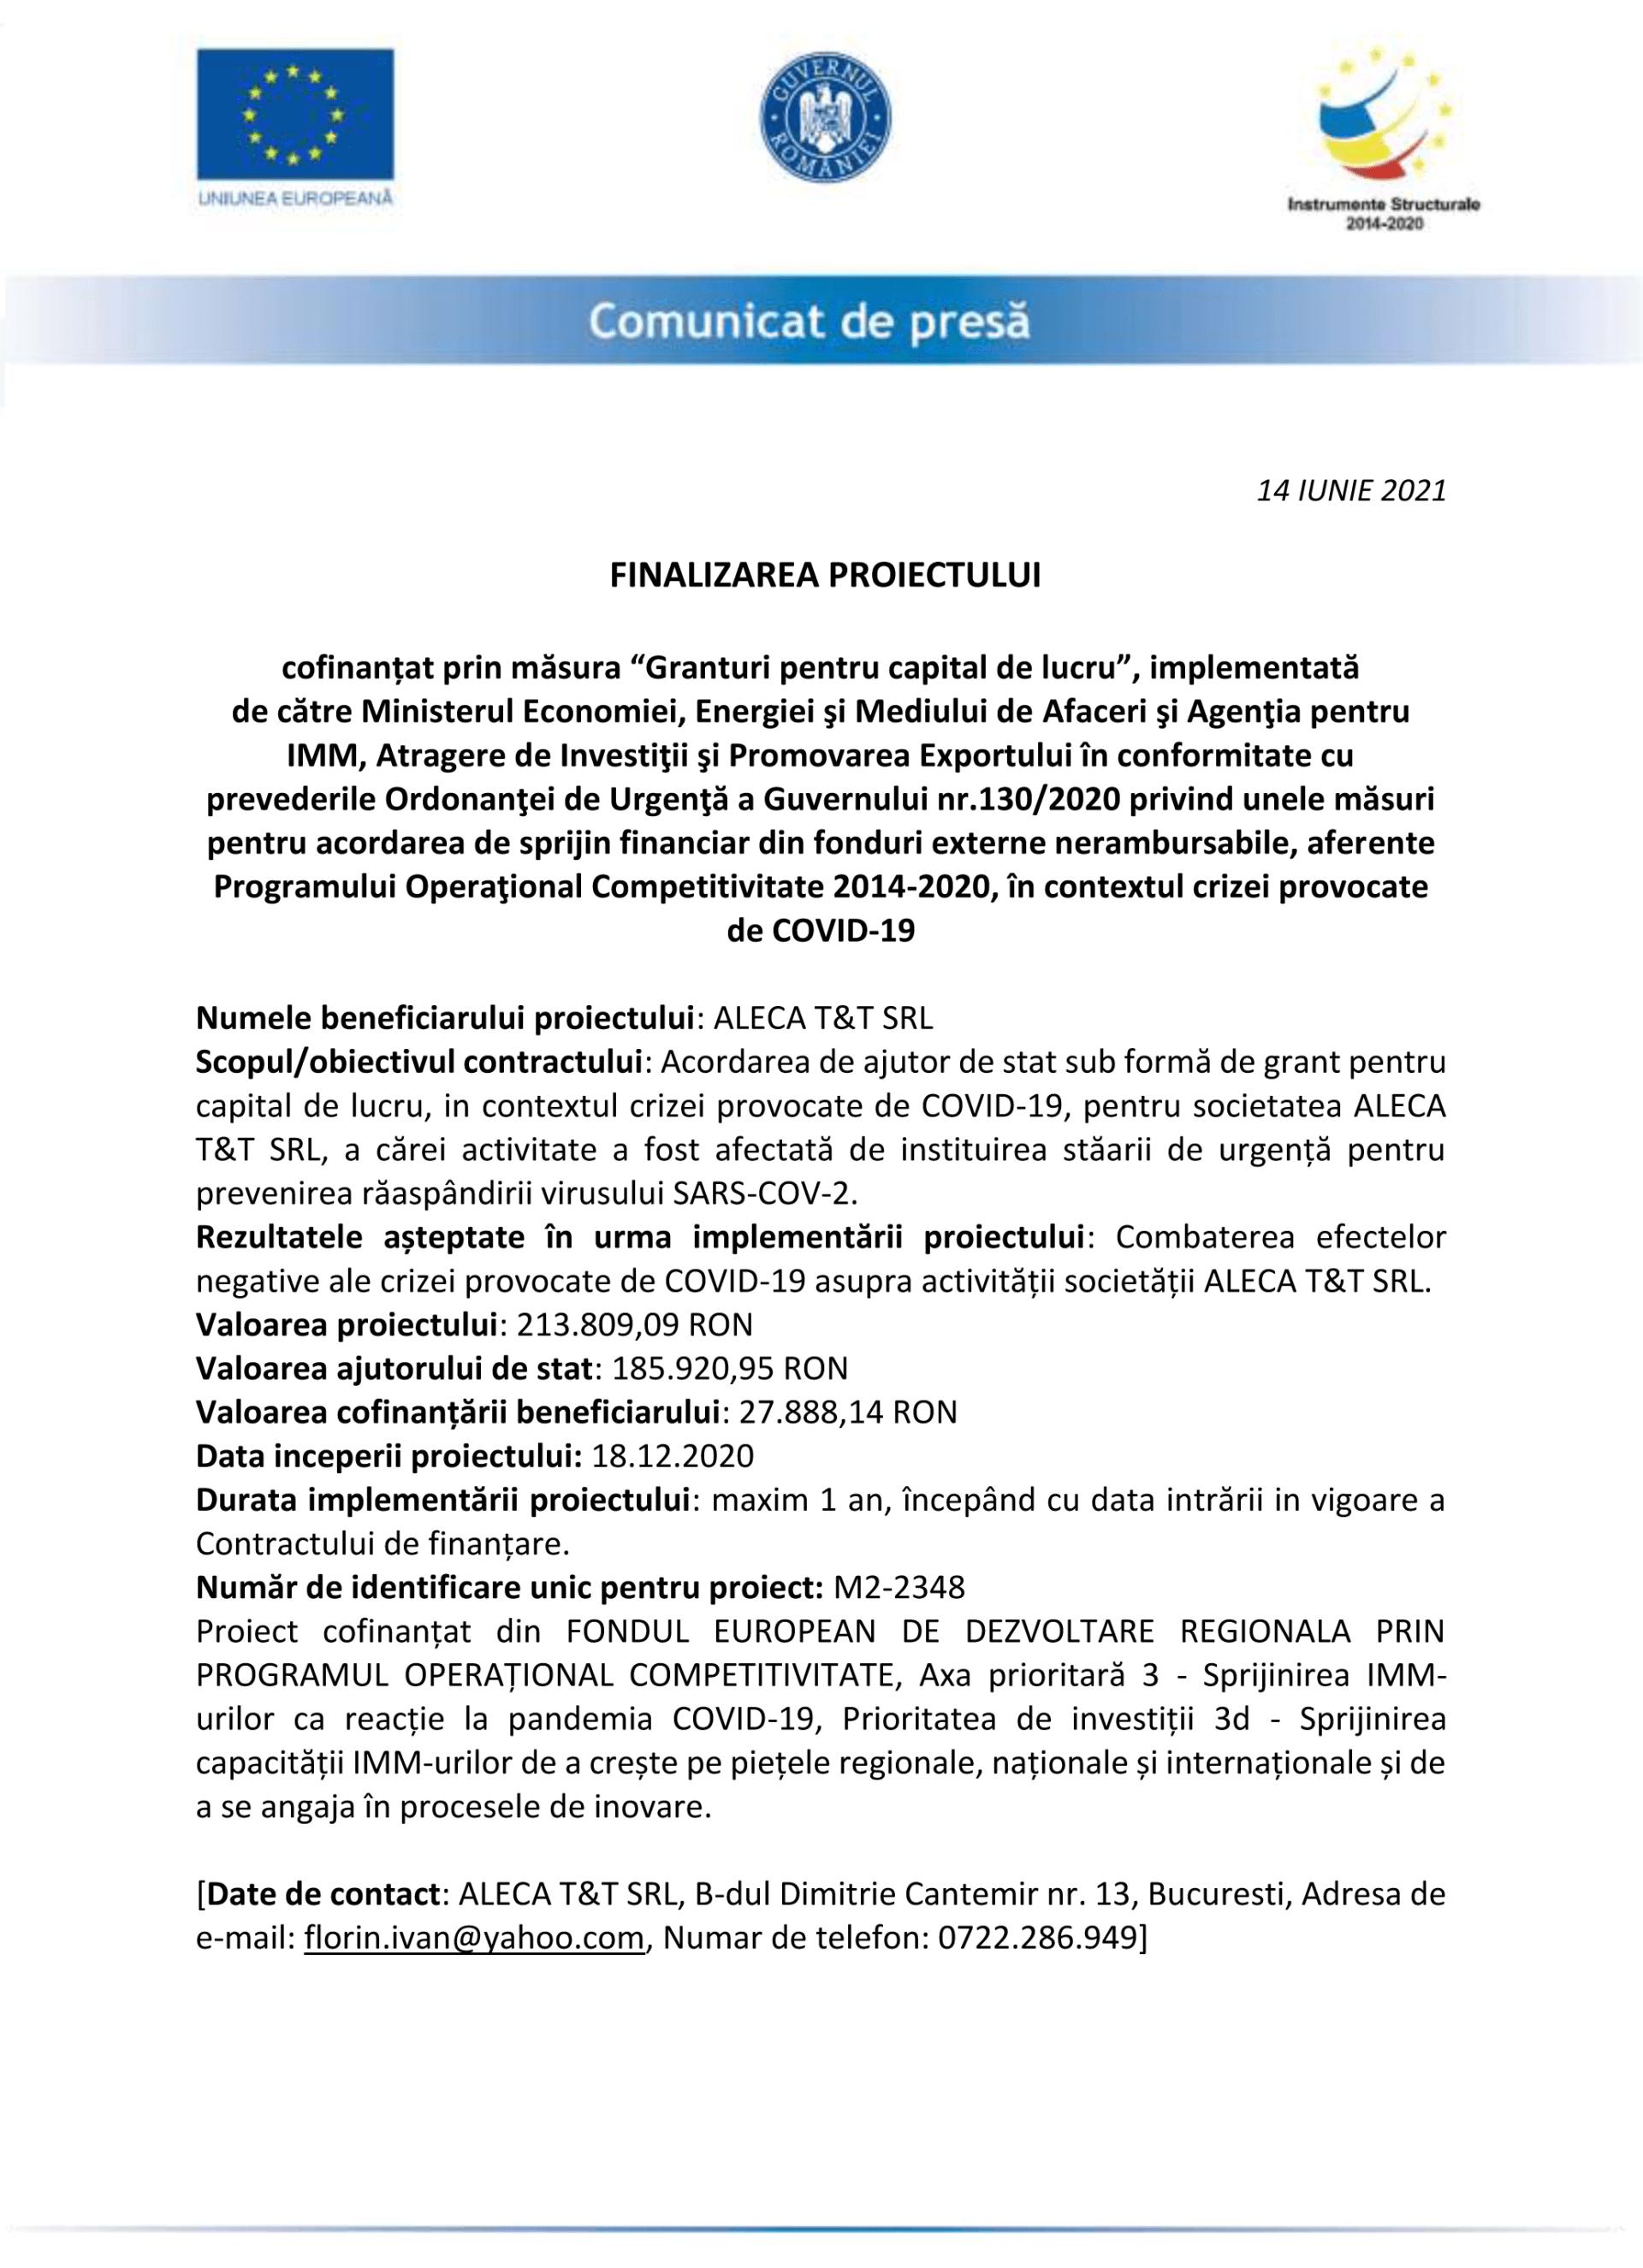 Comunicat_de_Presa_Finalizarea-Proiectului-Aleca